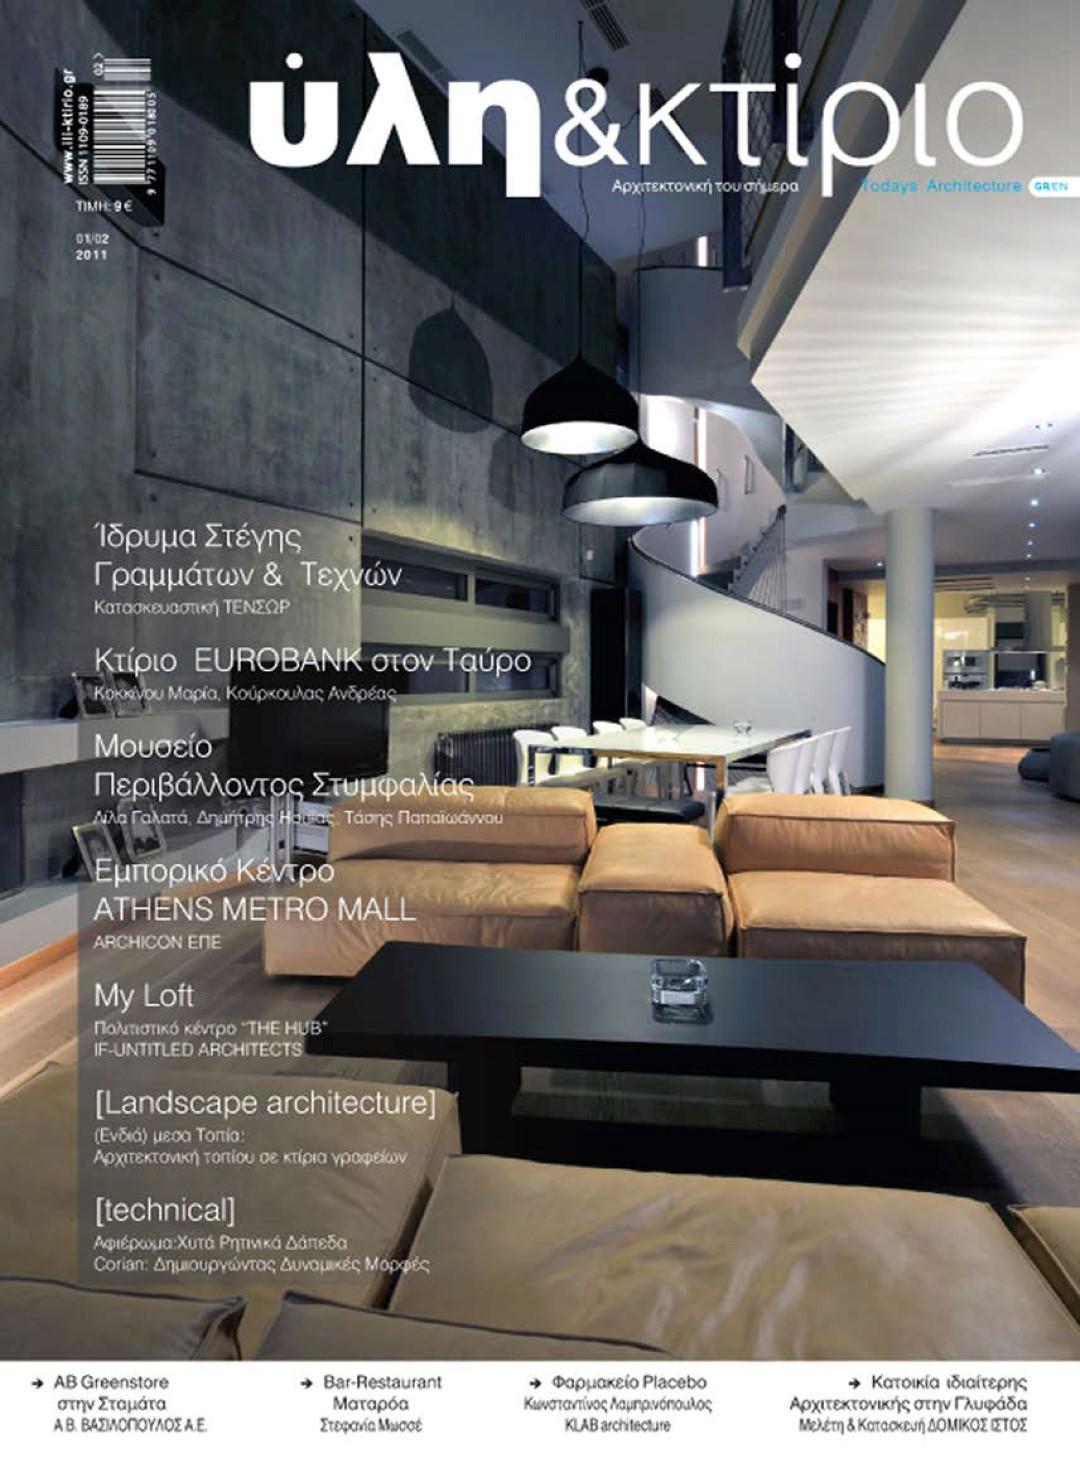 Δημοσίευση στο περιοδικό Ύλη και Κτίριο